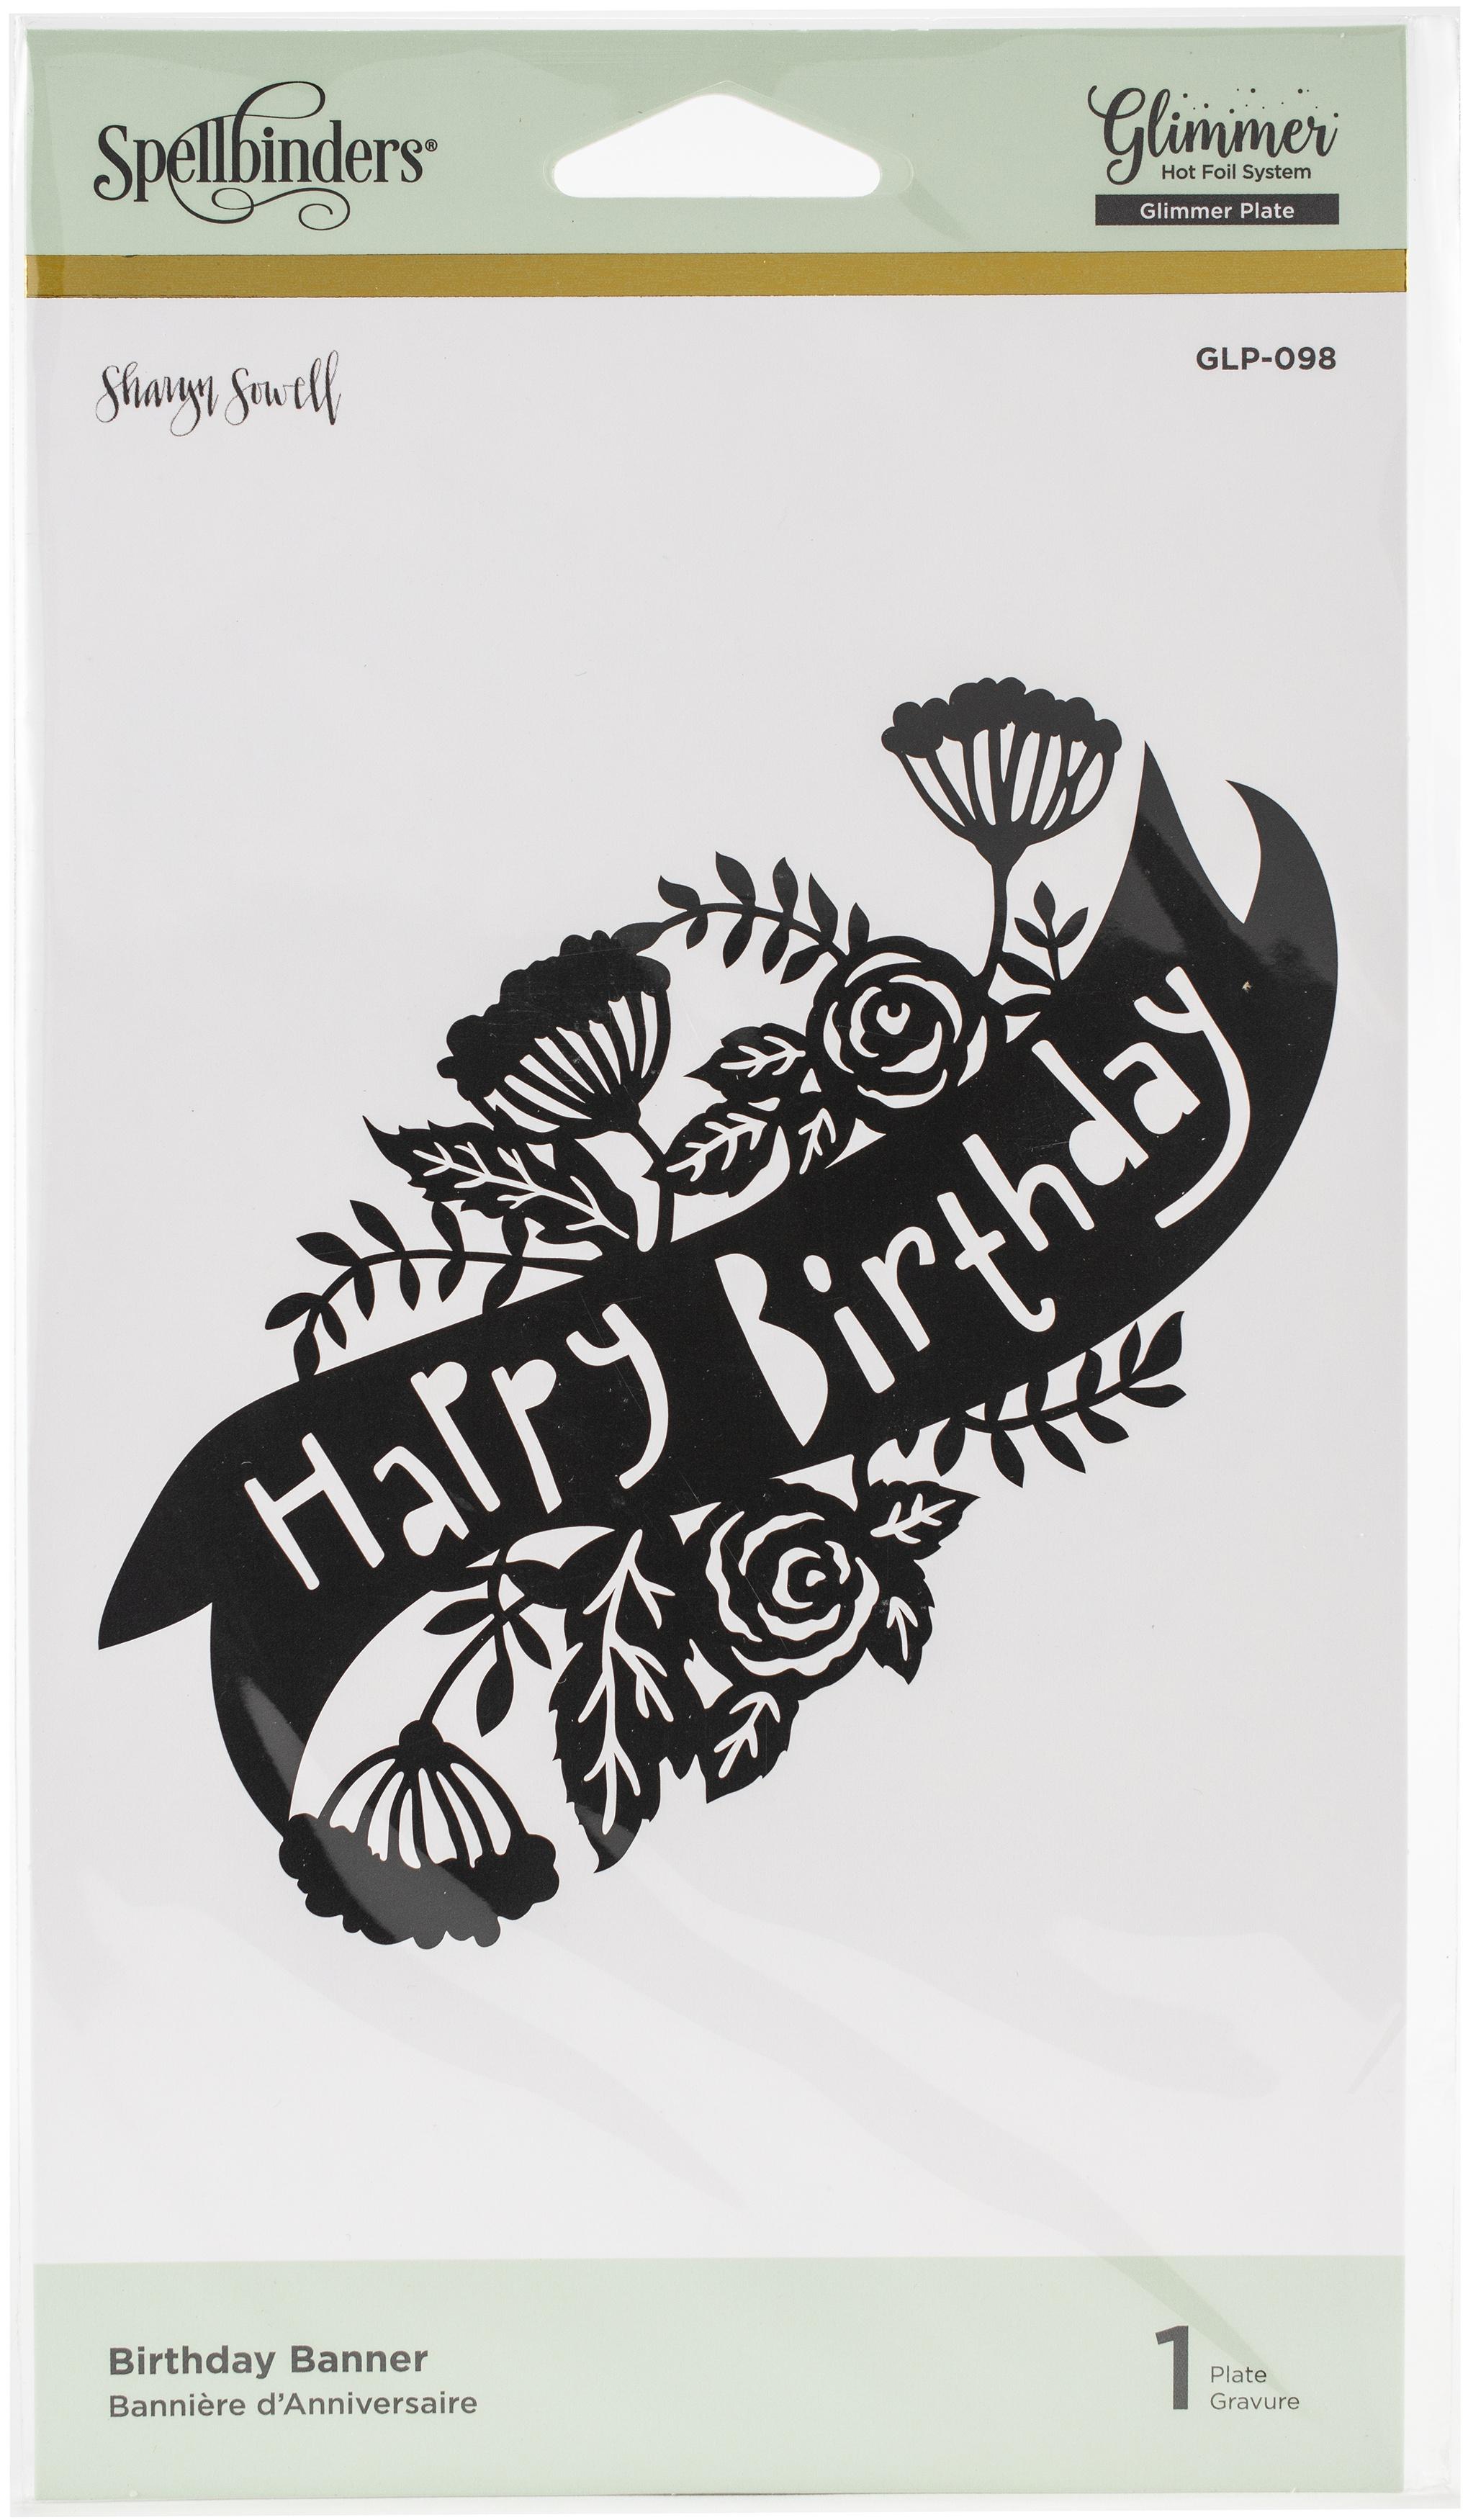 birthday banner glimmer plate